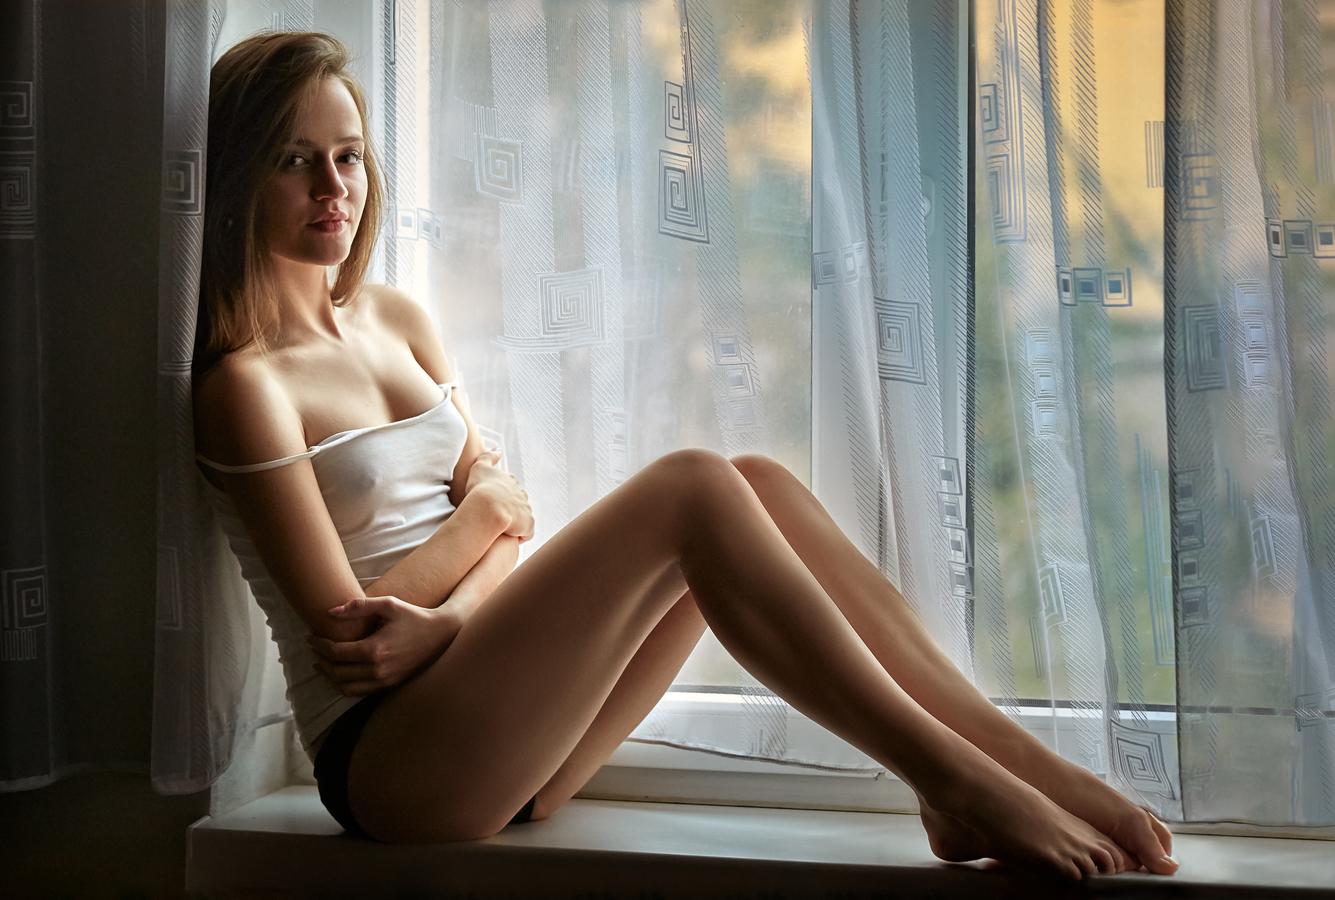 Beauty in window